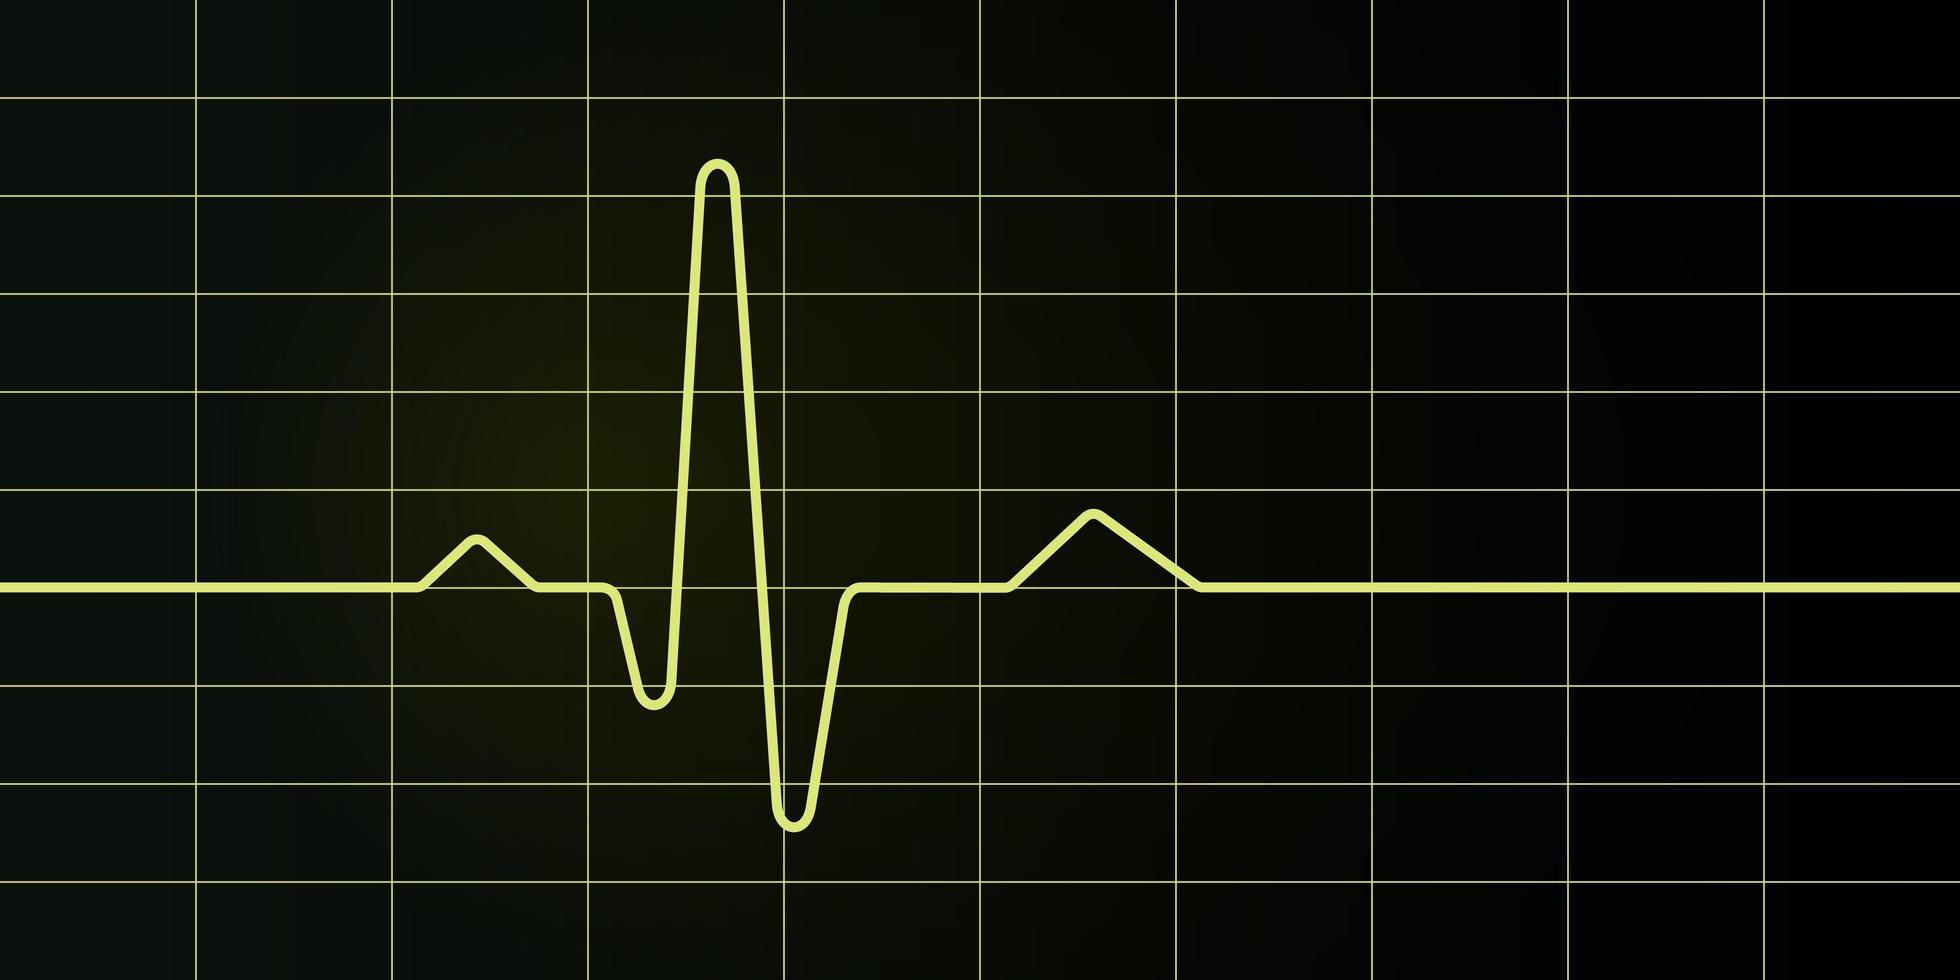 skärm och diagram för elektrokardiogram vektor